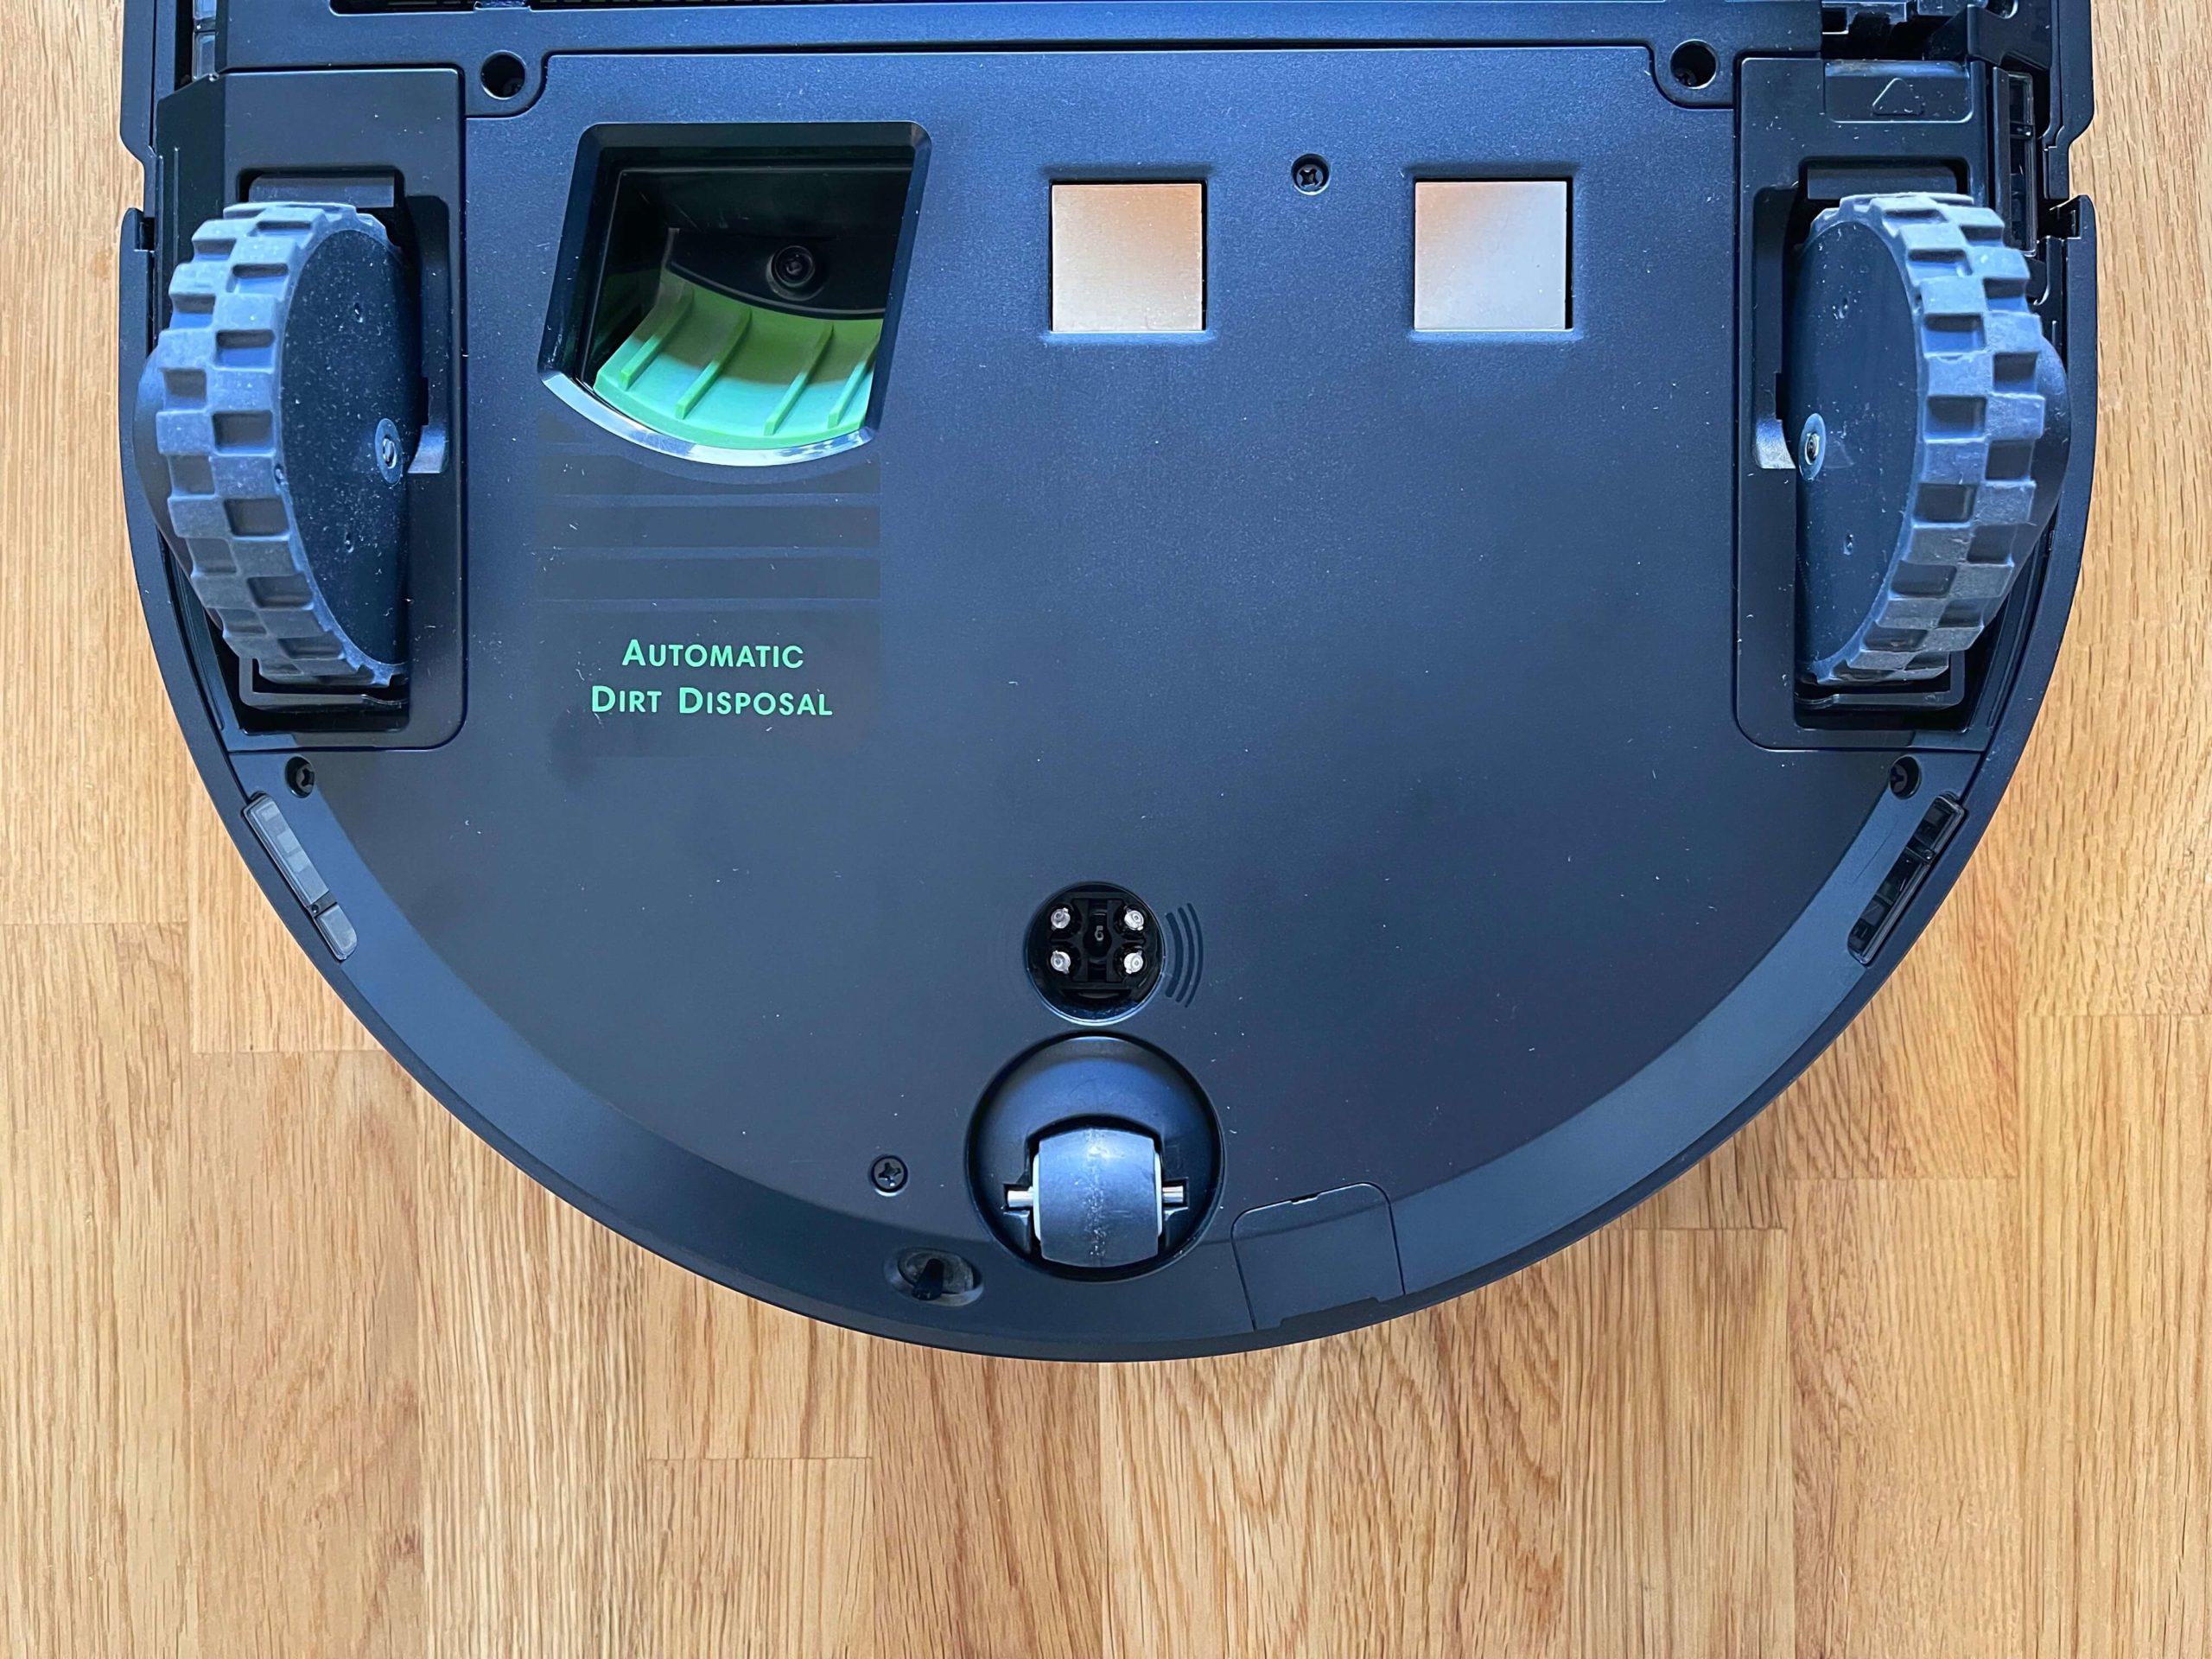 Roomba-s9-von-iRobot-intelligente-Raumreinigung-mit-Lerneffekt8-scaled Roomba s9+ von iRobot - intelligente Raumreinigung mit Lerneffekt